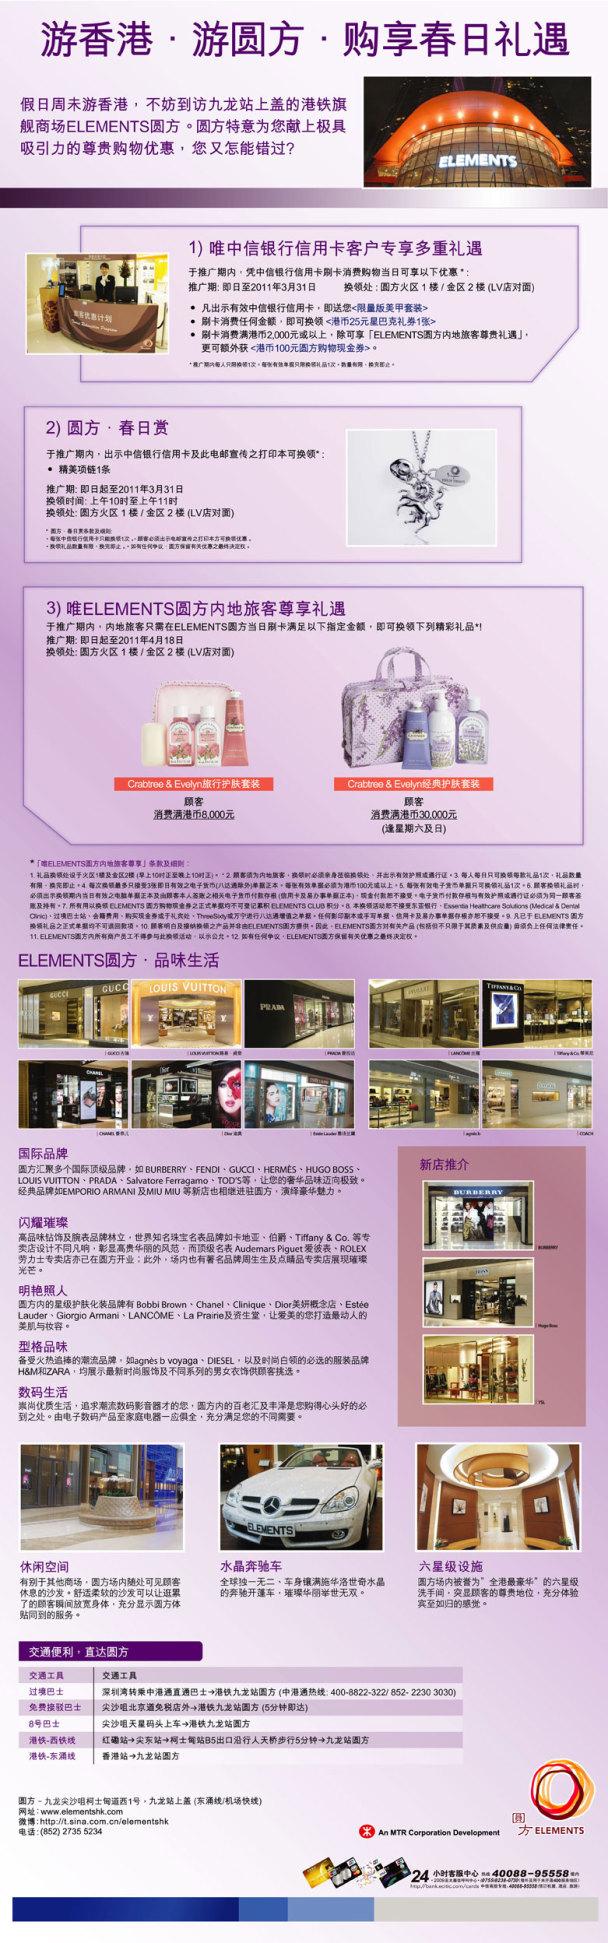 中信银行信用卡专享精彩香港圆方游_信用卡优惠活动